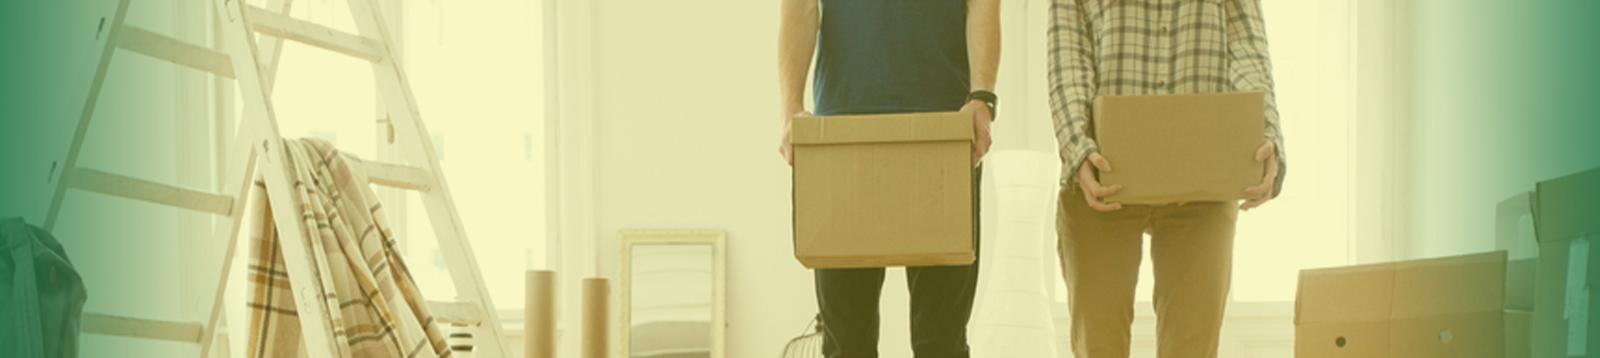 Packing Services, Storage, Moving, And More, Moving Kenosha, Storage Kenosha